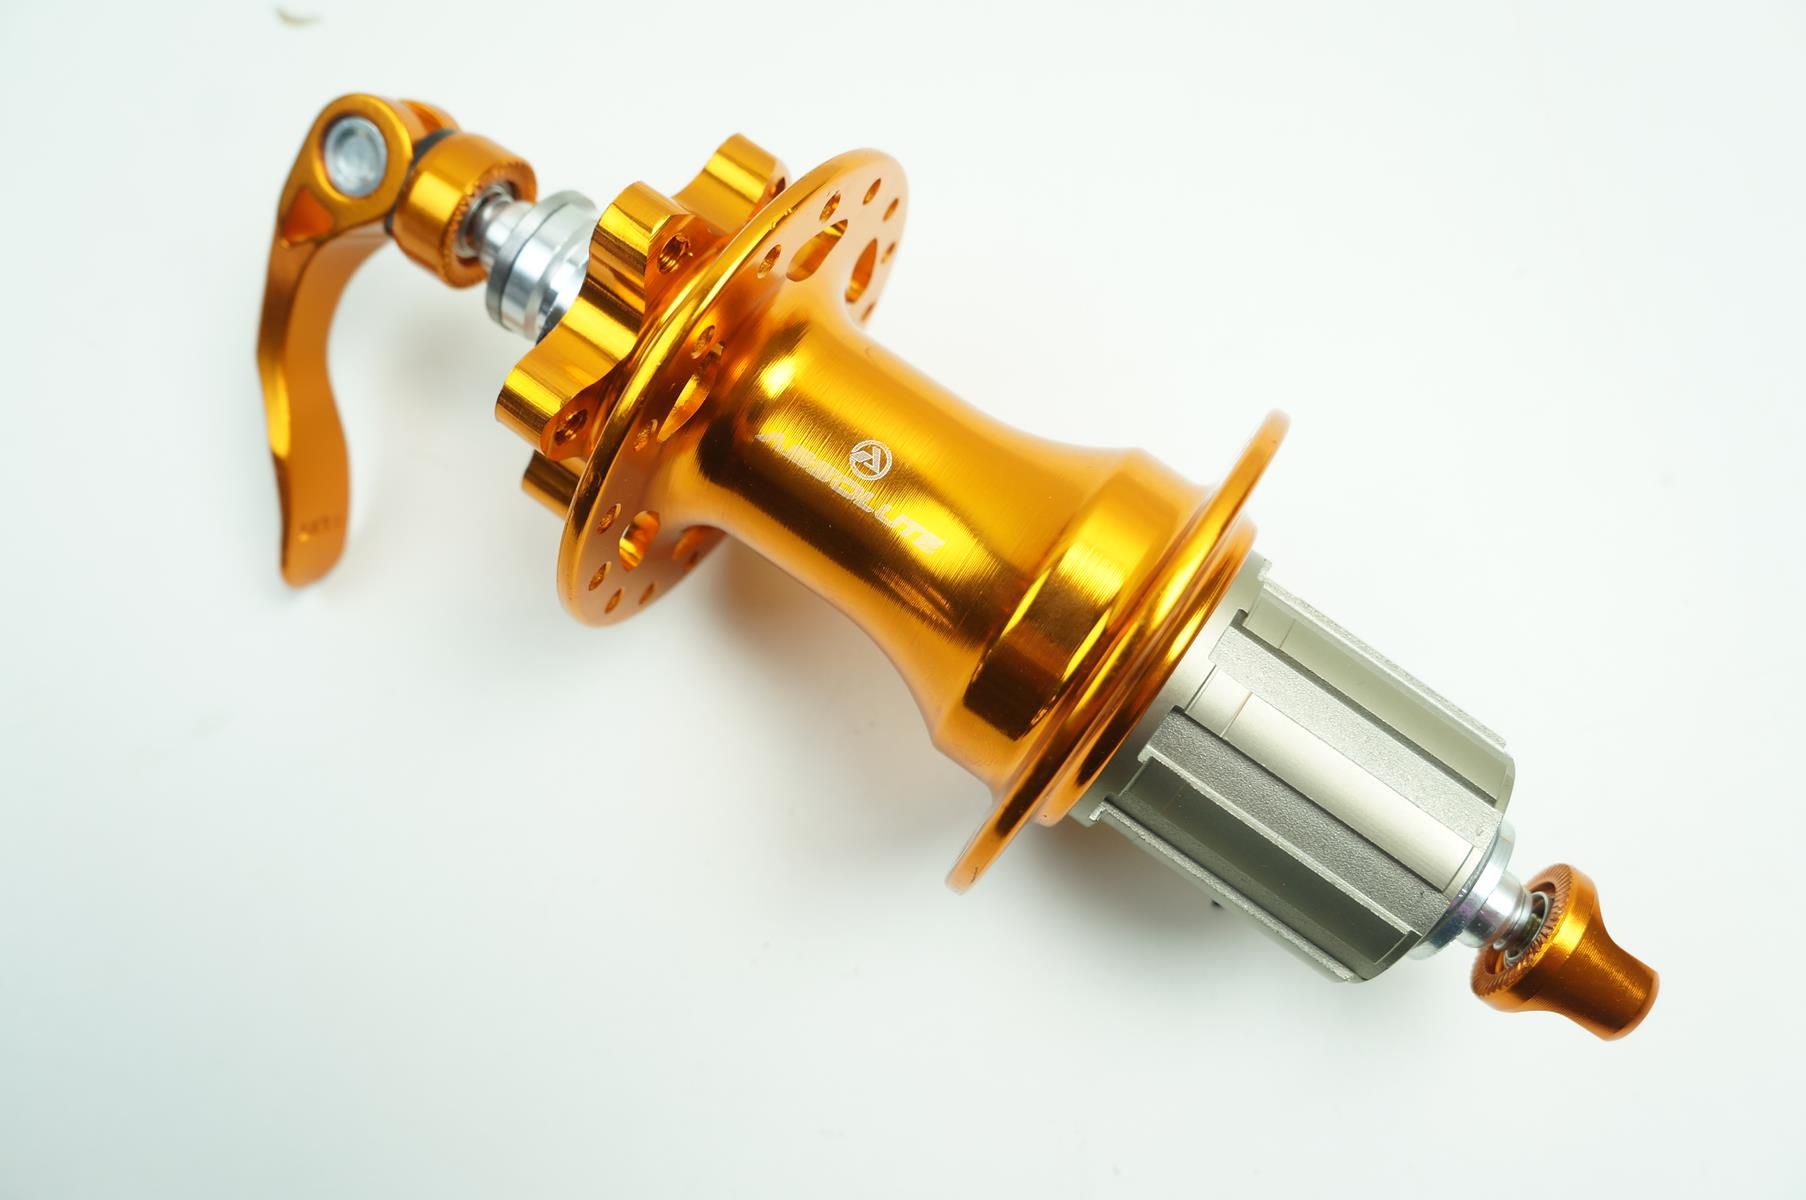 Par Cubos Absolute Prime Eixo 9mm 32 Furos Rolamento Padrão Shimano Dourado